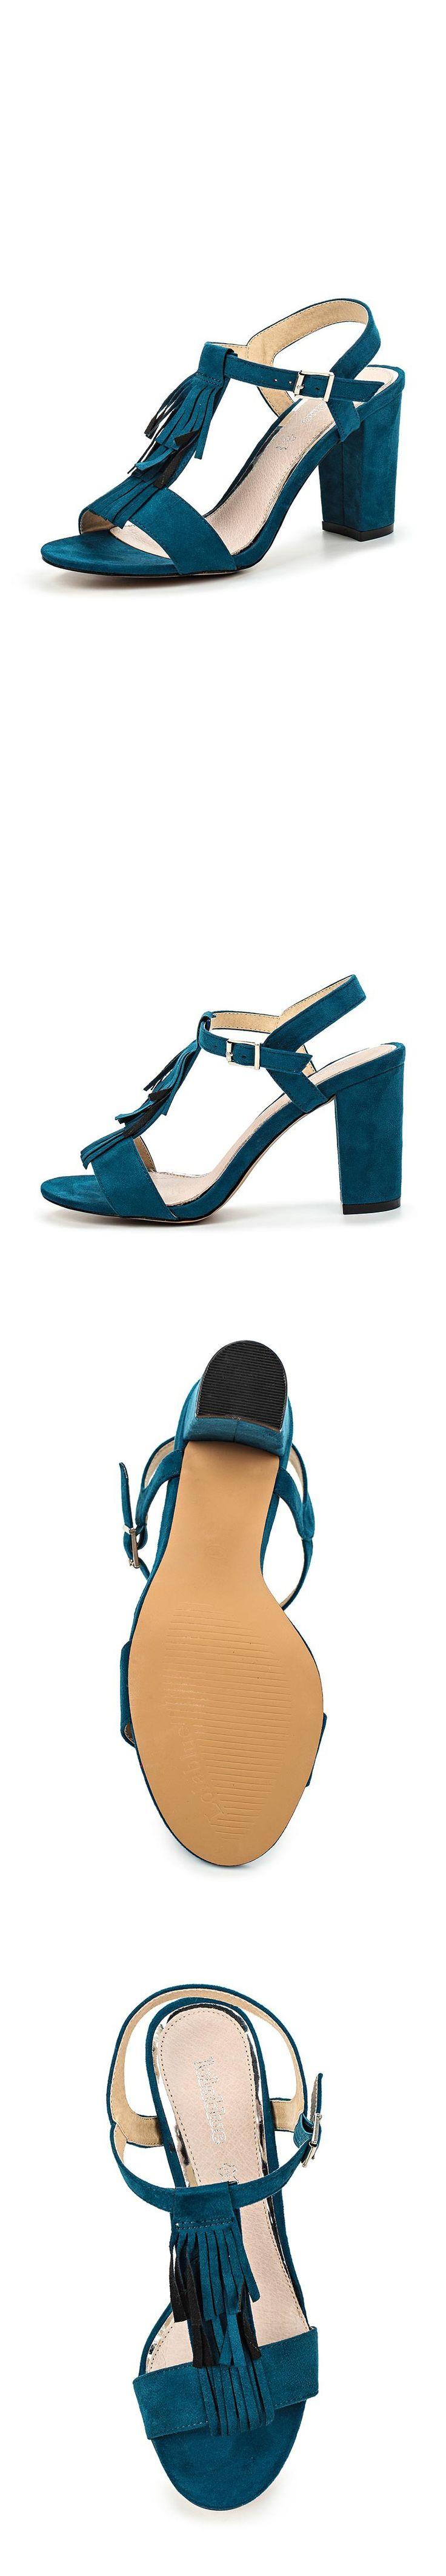 Женская обувь босоножки Lola Blue за 3199.00 руб.